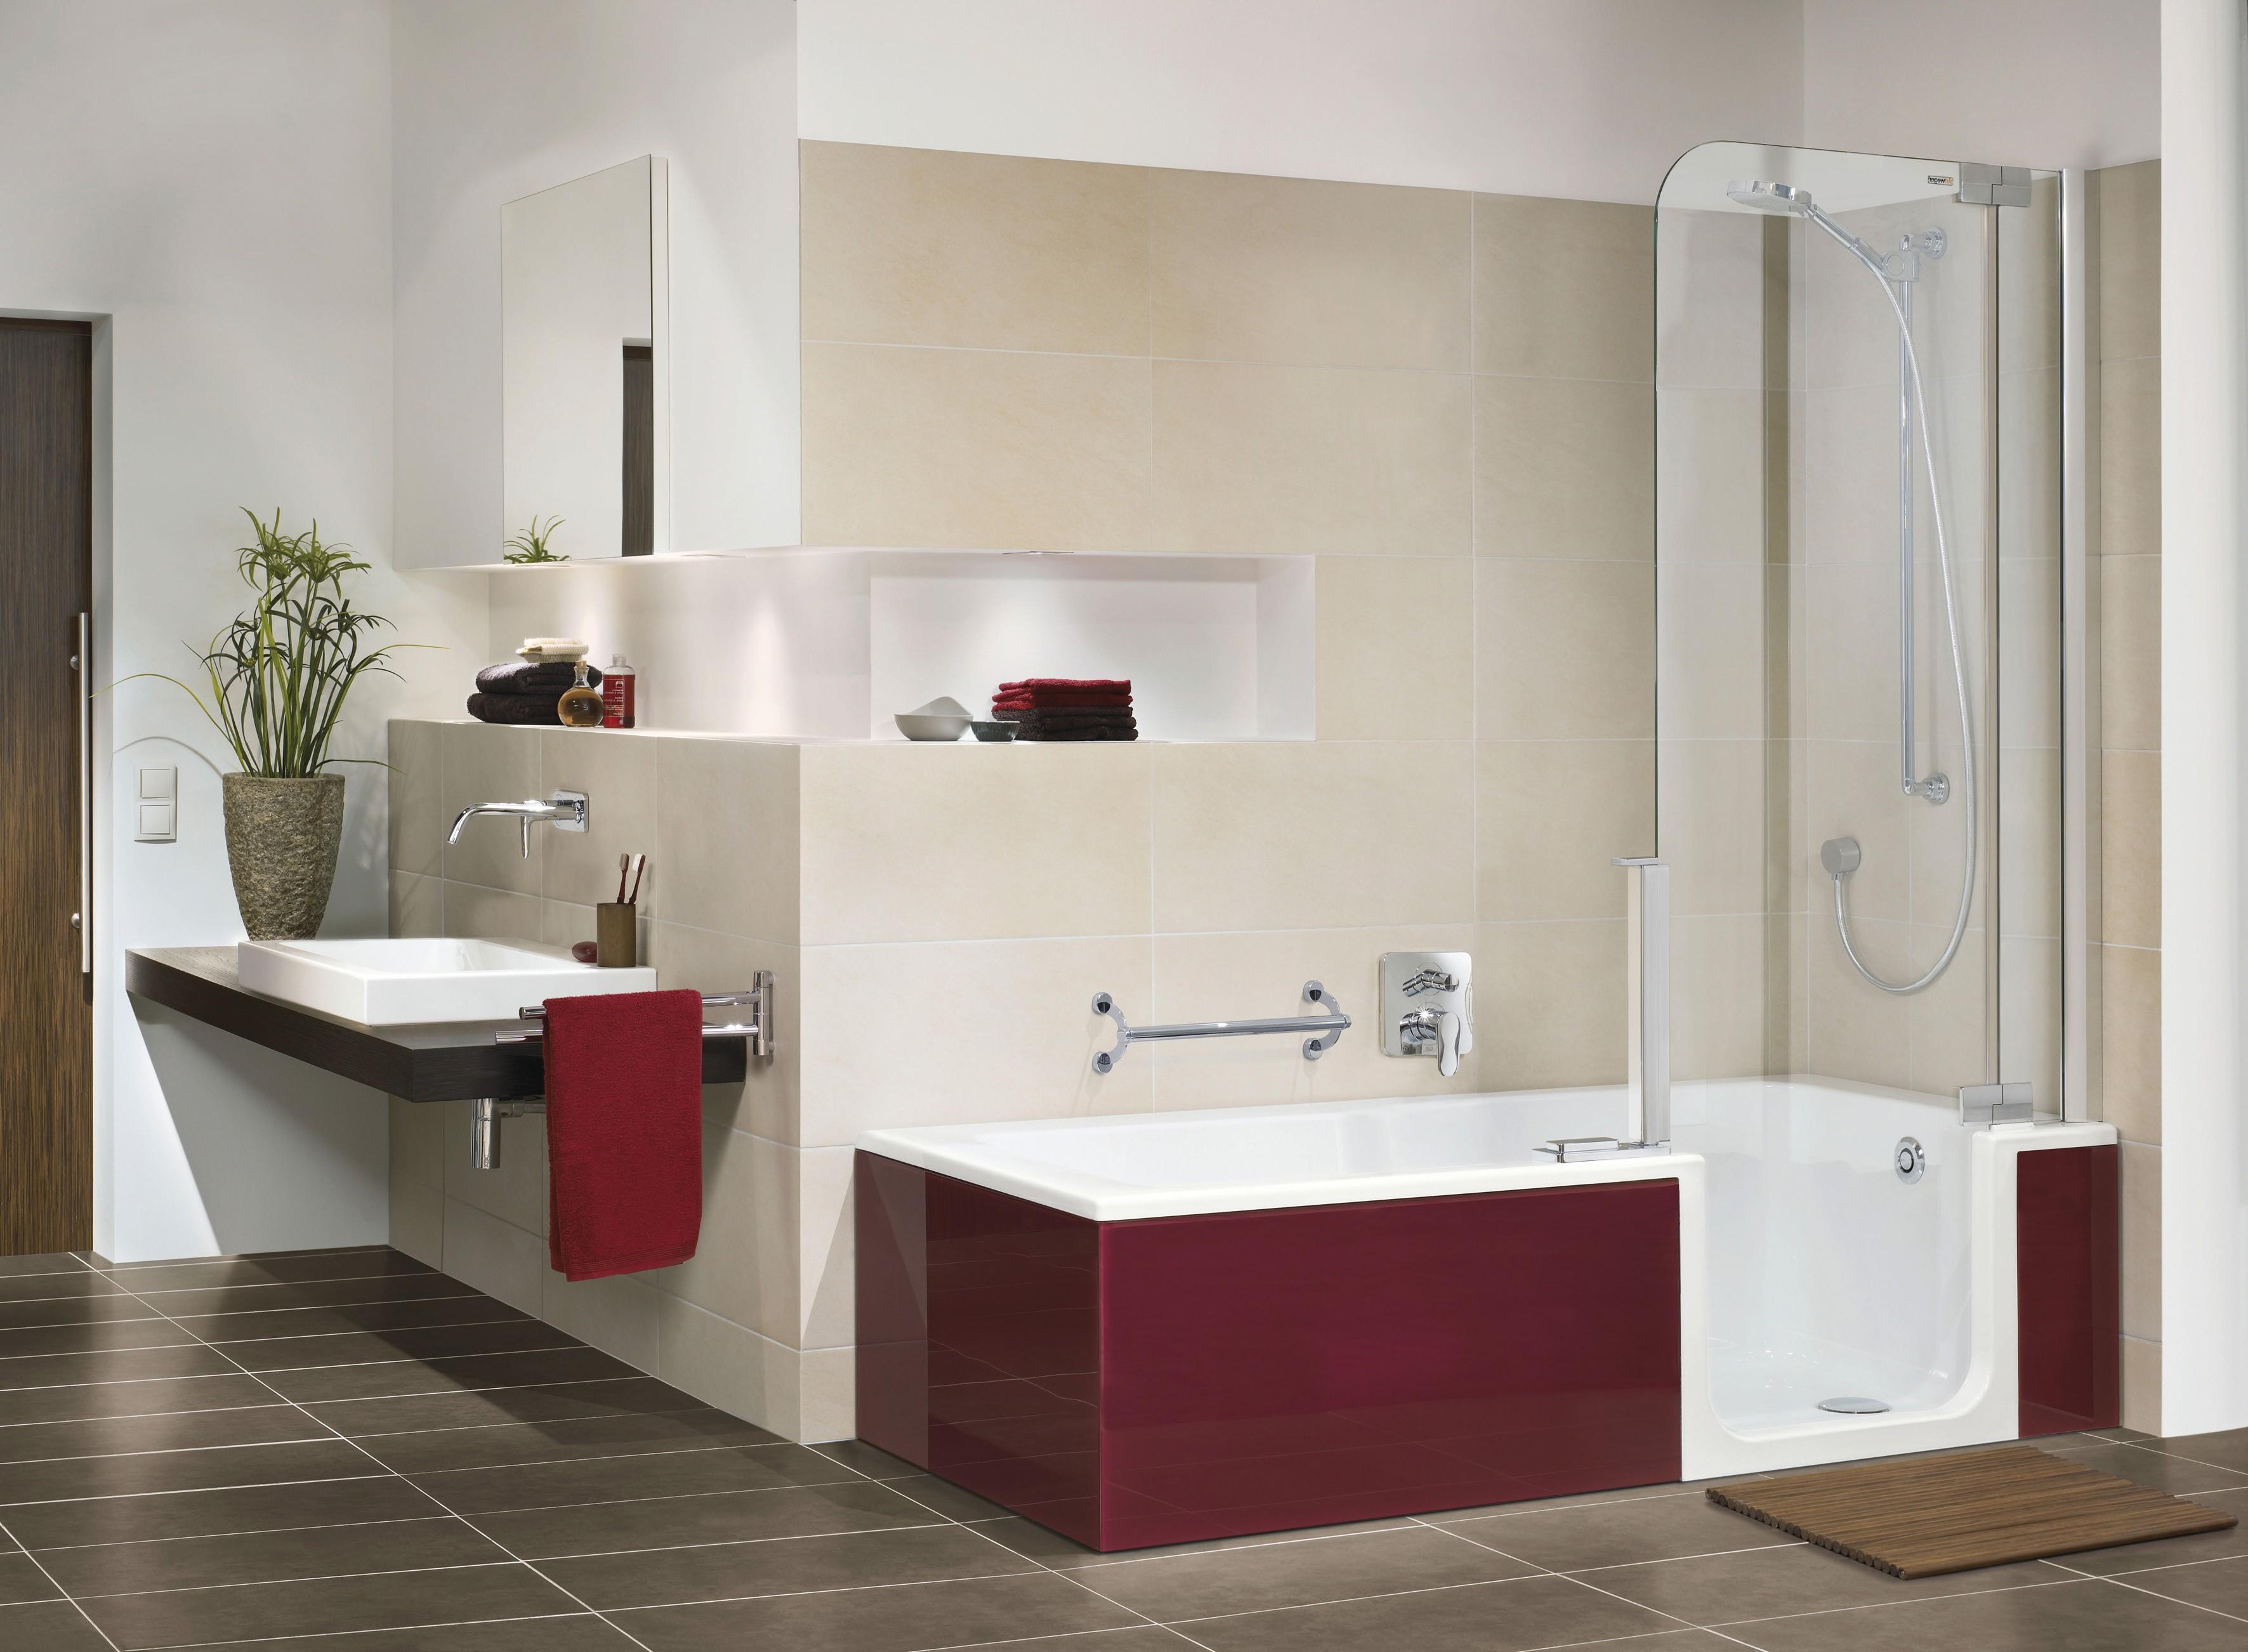 Bathroom Tub Shower | HomesFeed